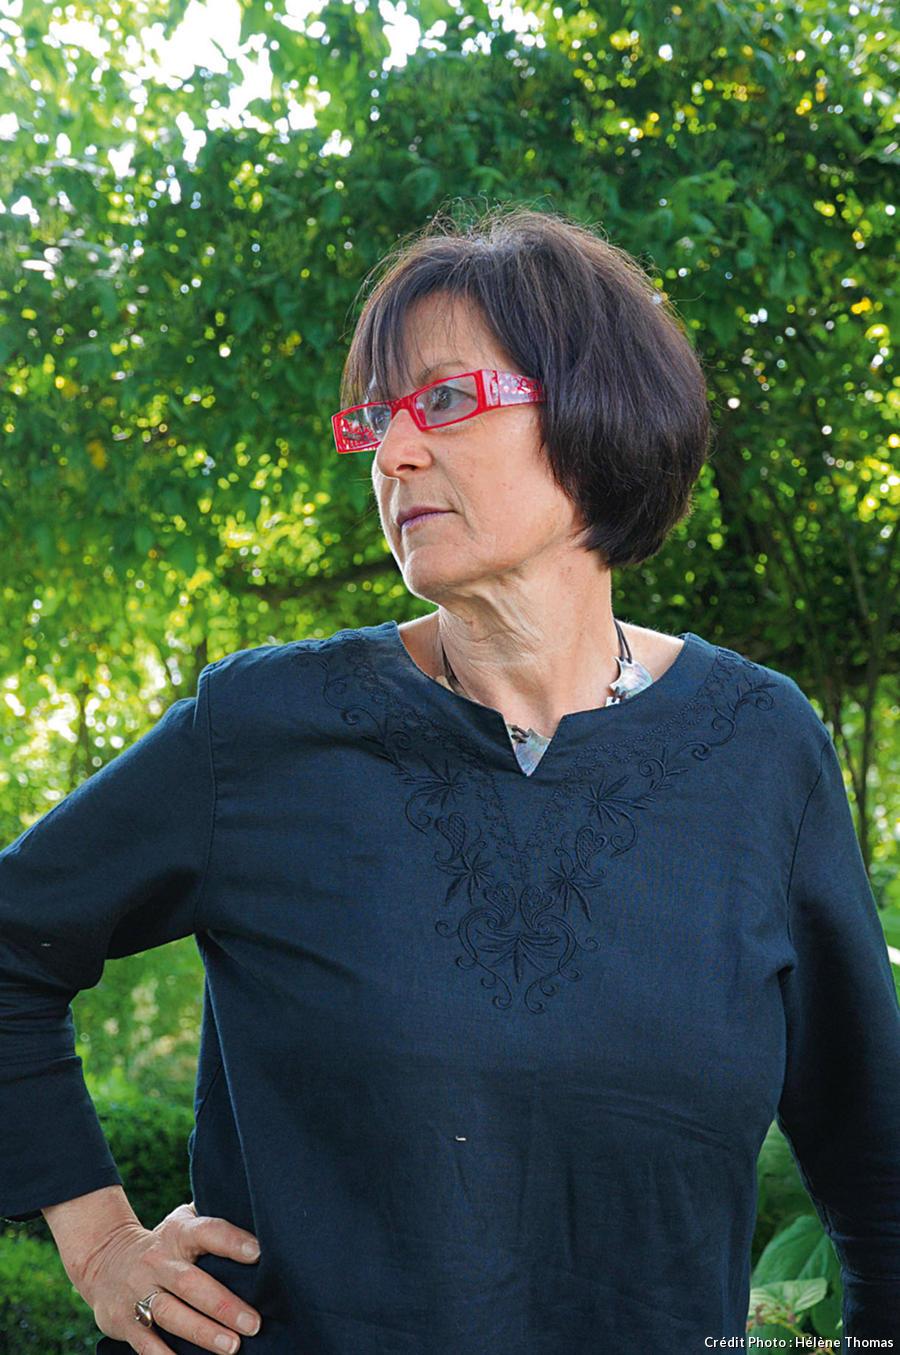 Martine, la propriétaire des lieux